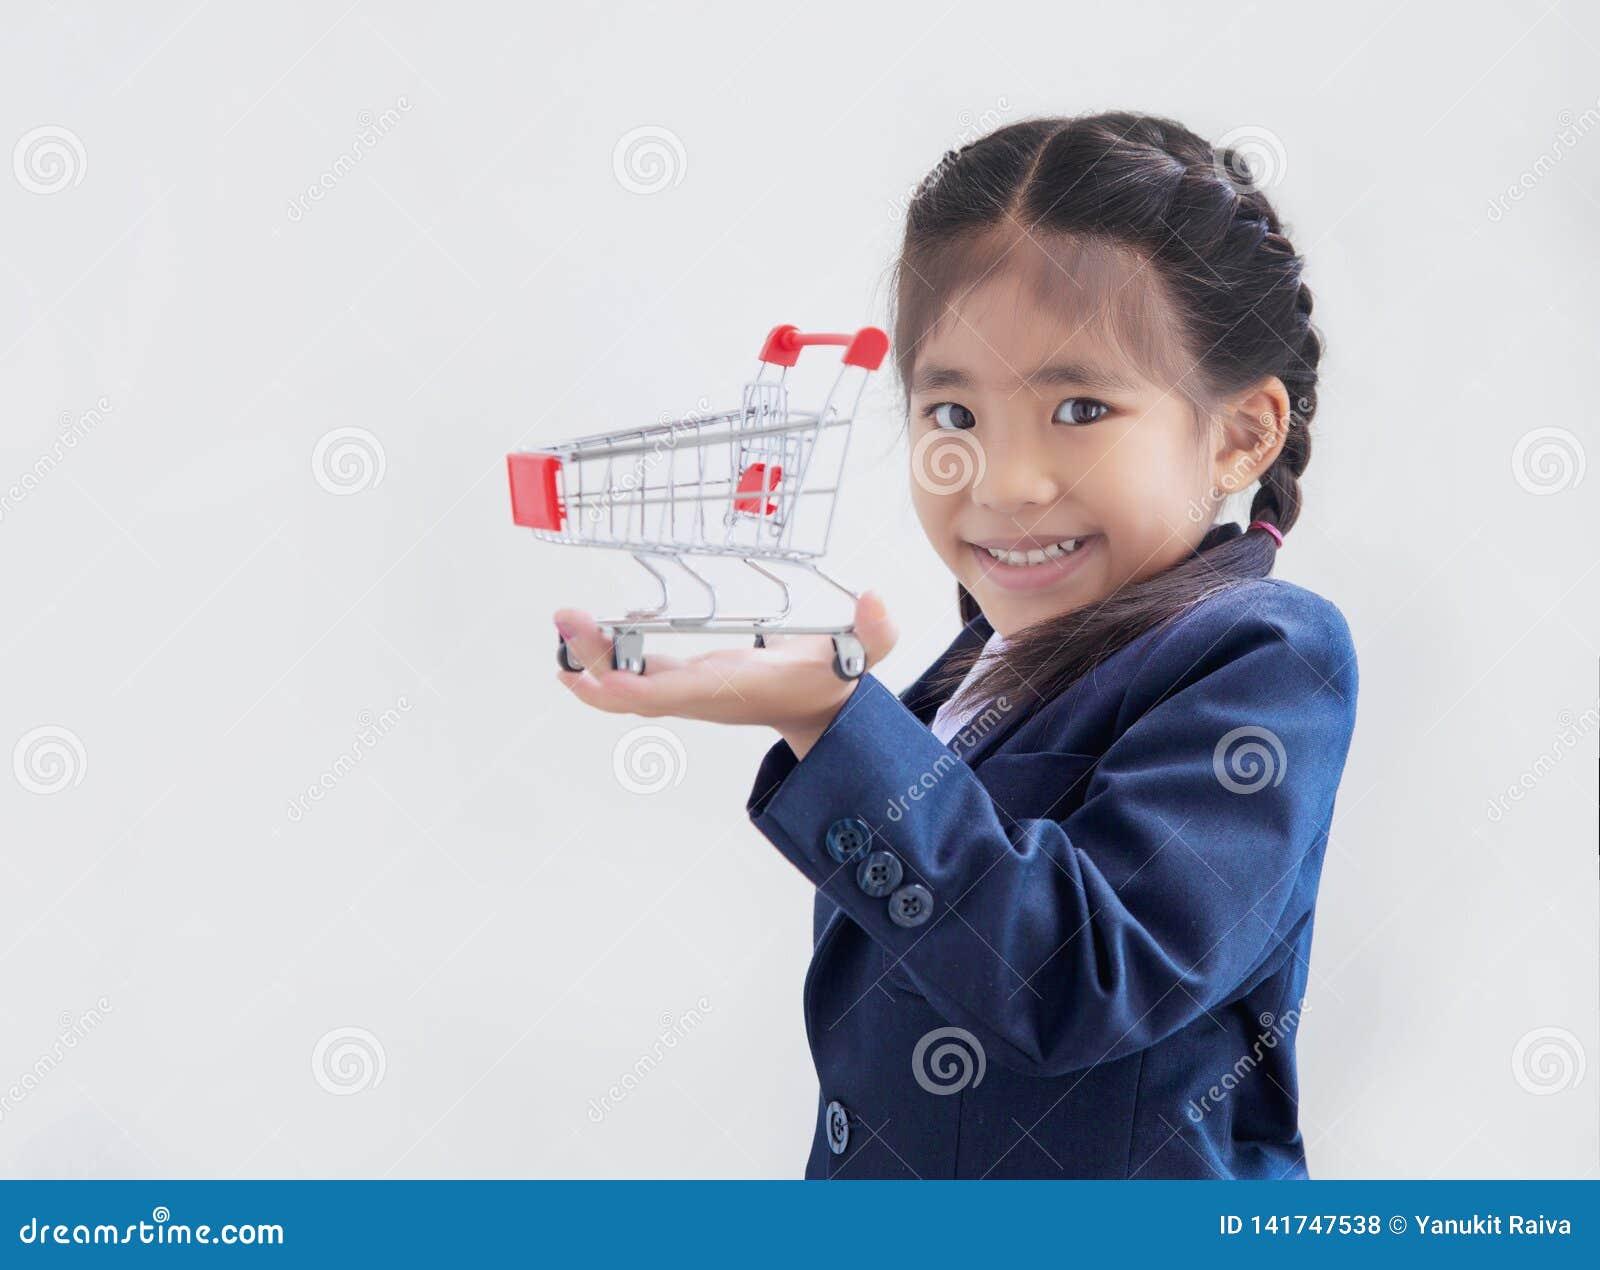 Asiatisches Kind mit dem Einkaufswagen, zum von prodcut darzustellen